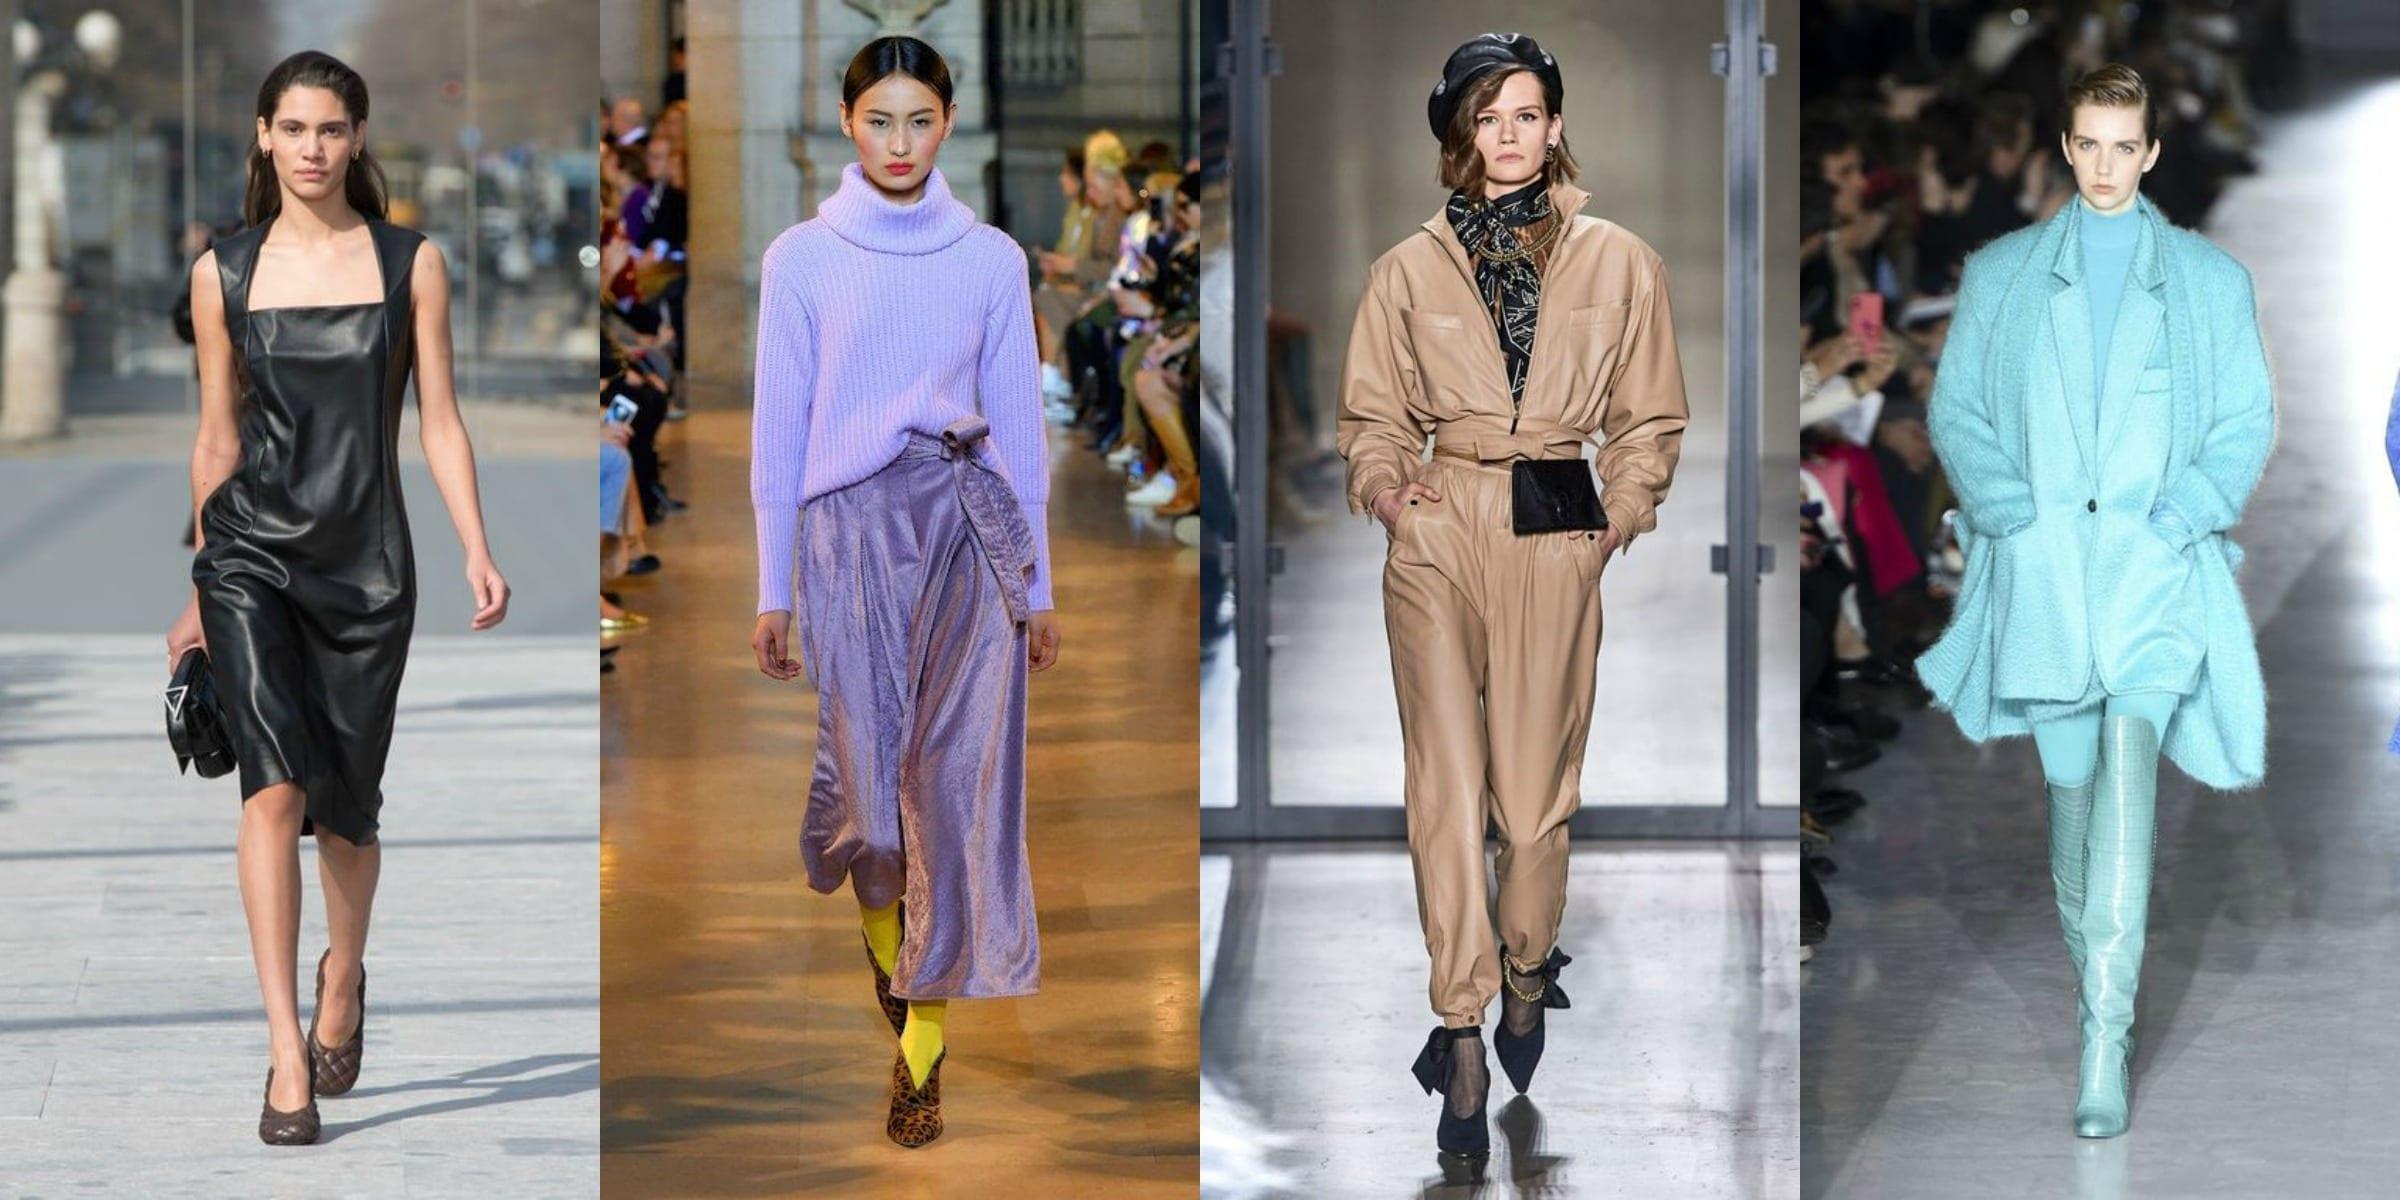 ultime tendenze moda 2019, vestirsi settembre milano 2019, fendi sfilata 2019